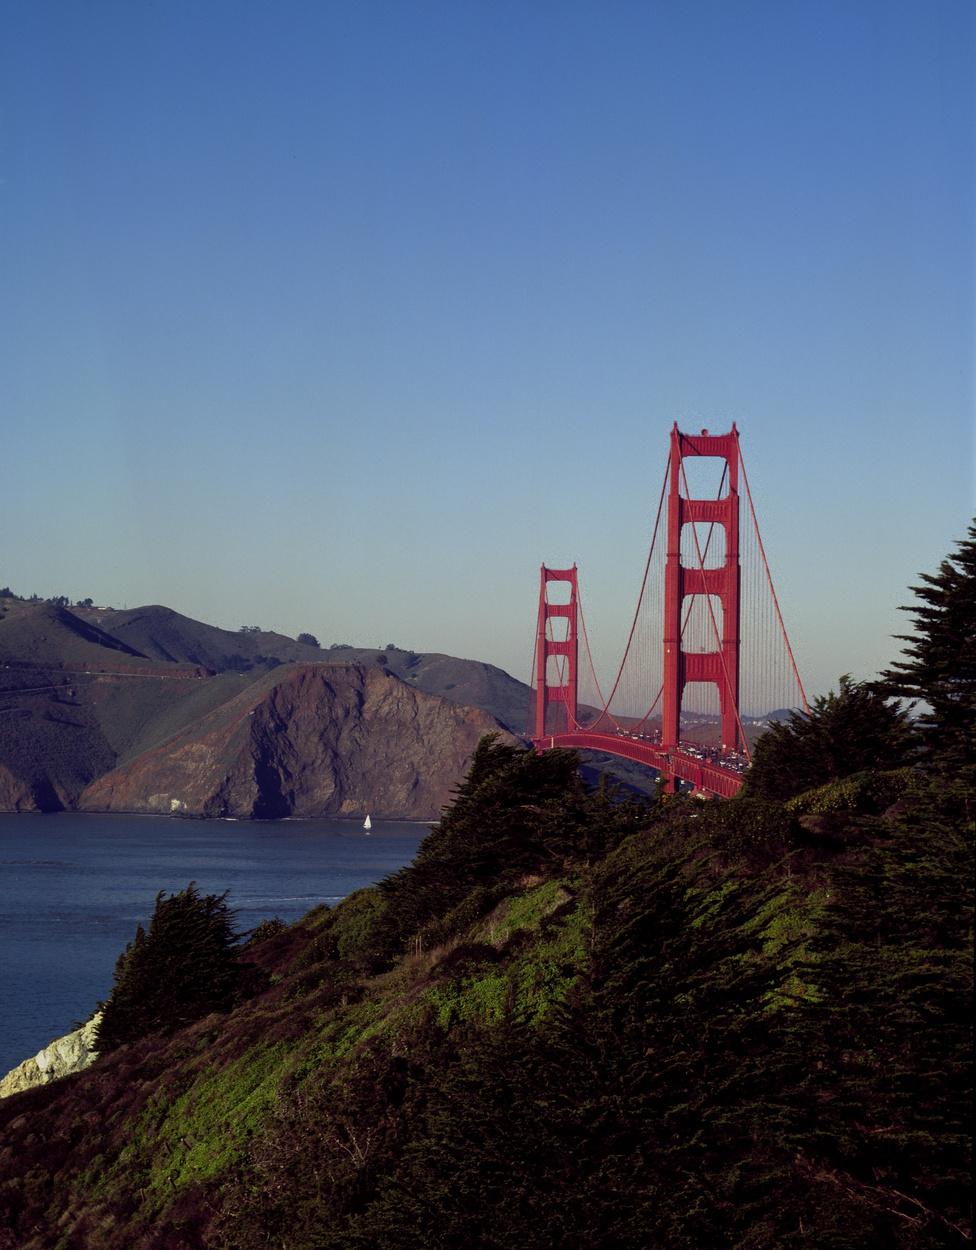 International Orange, azaz nemzetközi narancs, ez a híd színének hivatalos neve. A tervezők azért választották ezt az árnyalatot, mert remek kontrasztot alkot a táj zöldjével és az ég kékjével, és nem utolsó sorban ködös időben is remekül láthatóvá teszi a hidat. Az amerikai haditengerészet eredetileg fekete-sárga csíkos mintát szeretett volna hasonló okokból, de a híd vezető tervezőmérnöke,                         Irving Morrow ragaszkodott a színhez. Az ő ötlete volt a híd art deco stílusa is.